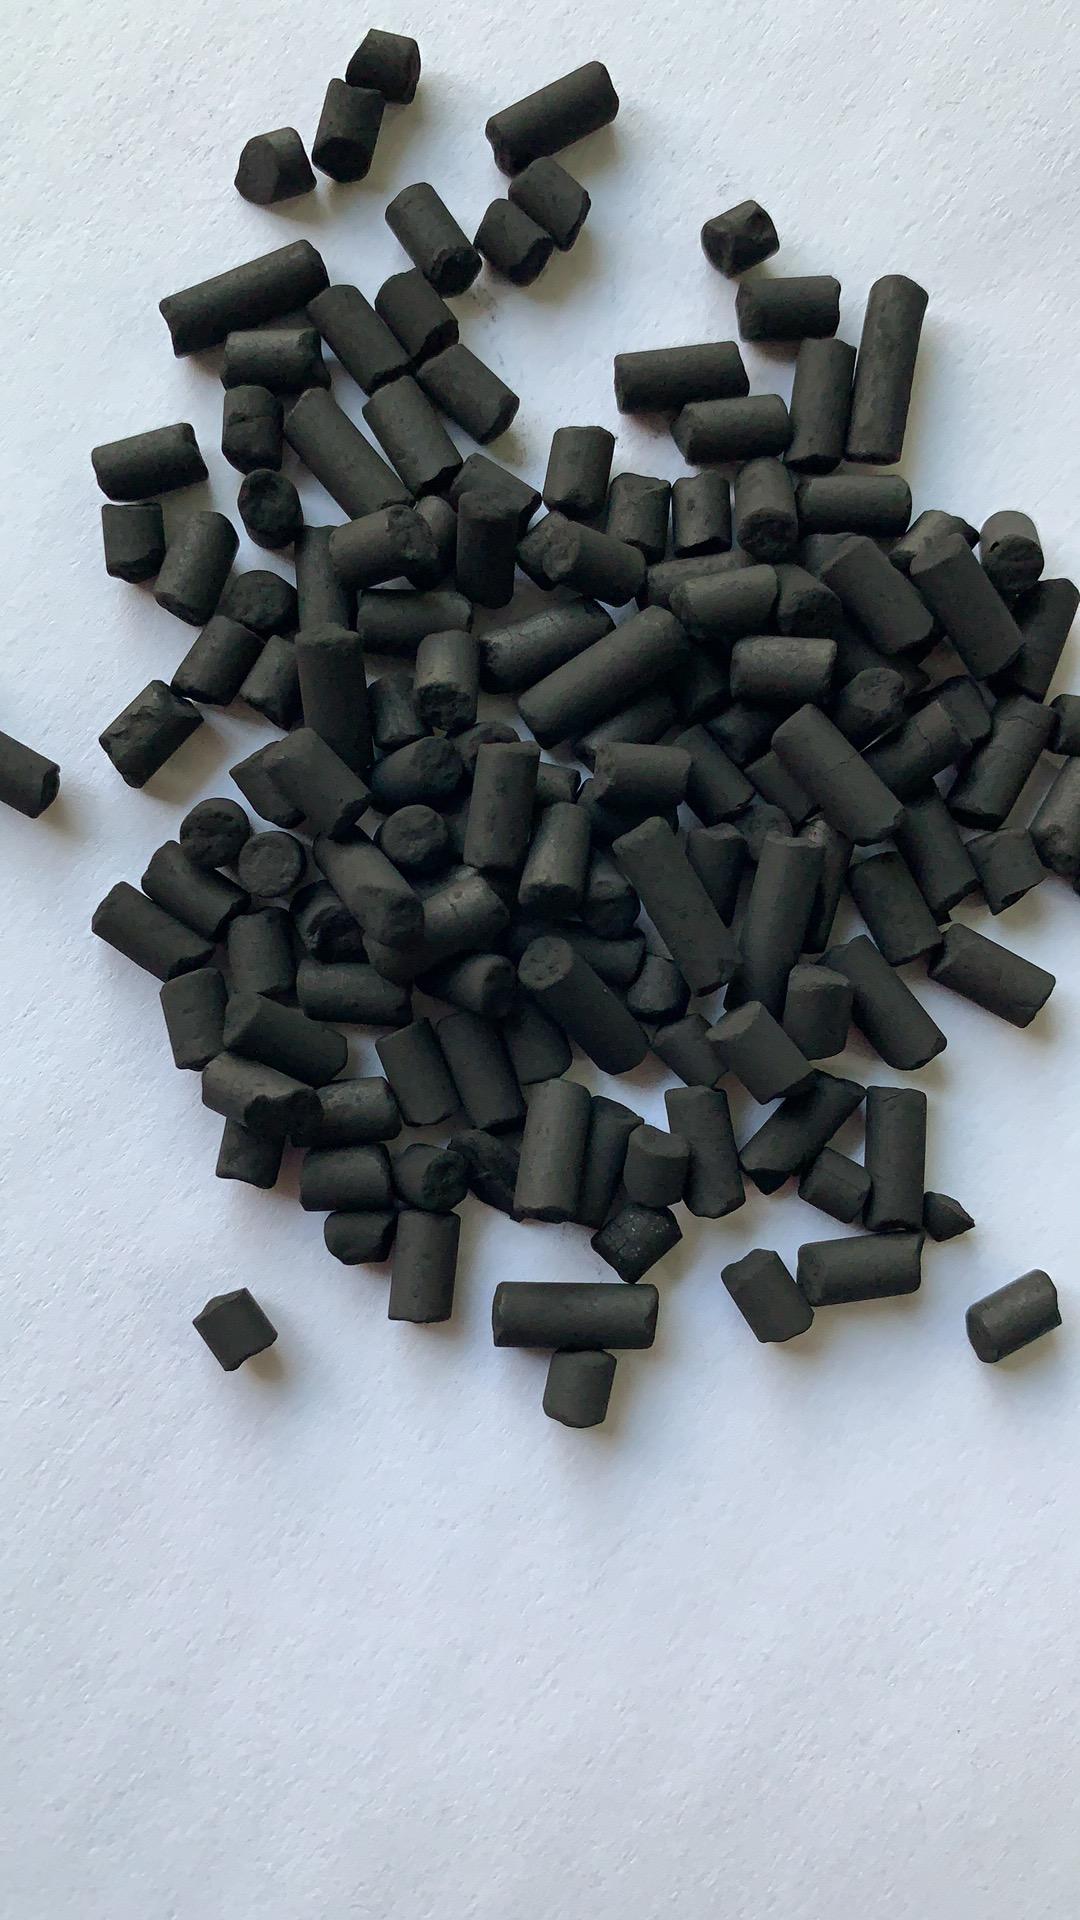 柱状活性炭的质量怎么辨别?